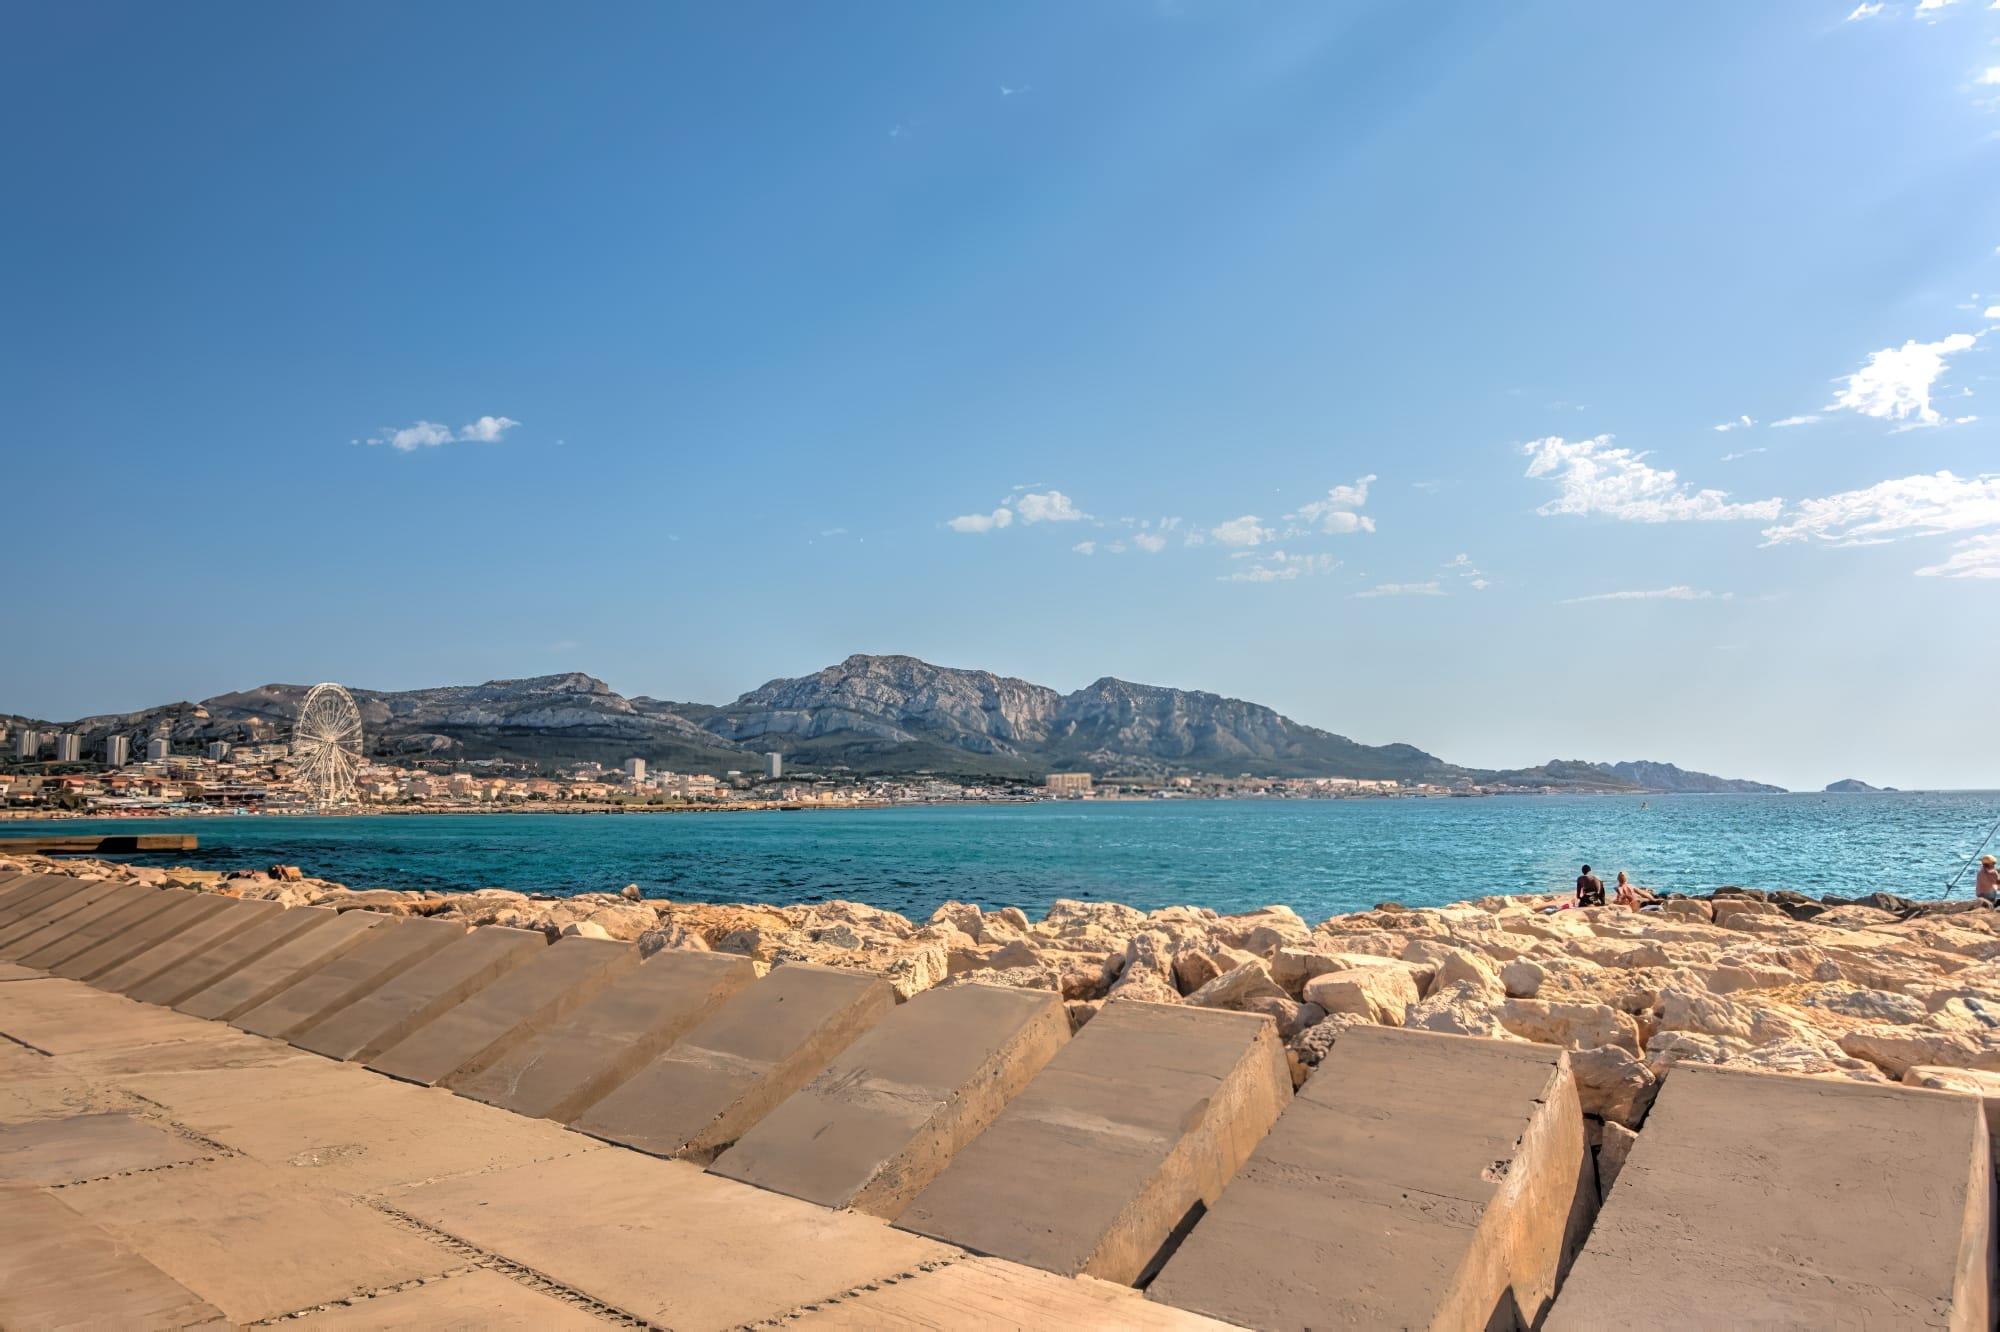 Les plages de Marseille - Mise en avant